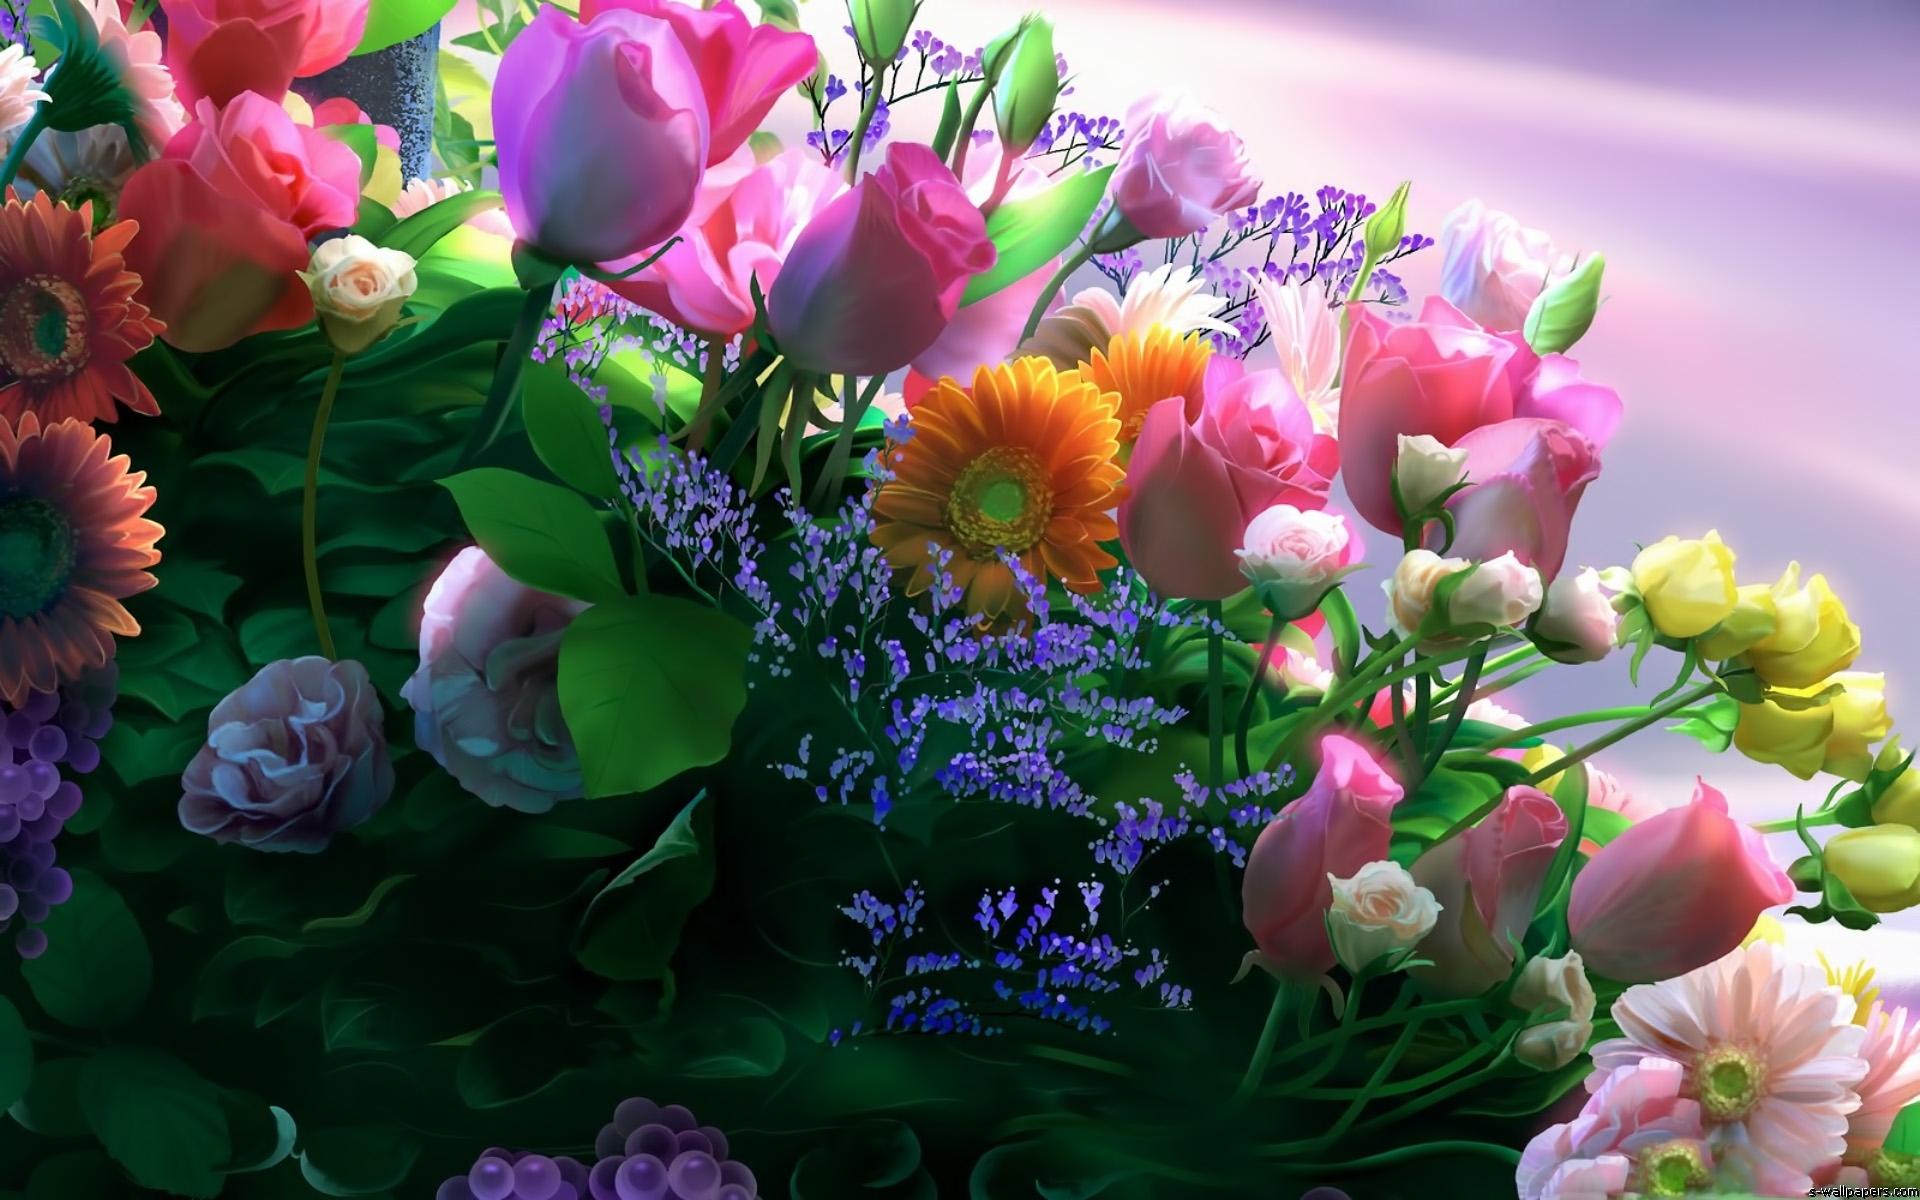 25040 обои 2160x3840 на телефон бесплатно, скачать картинки Букеты, Растения, Цветы 2160x3840 на мобильный